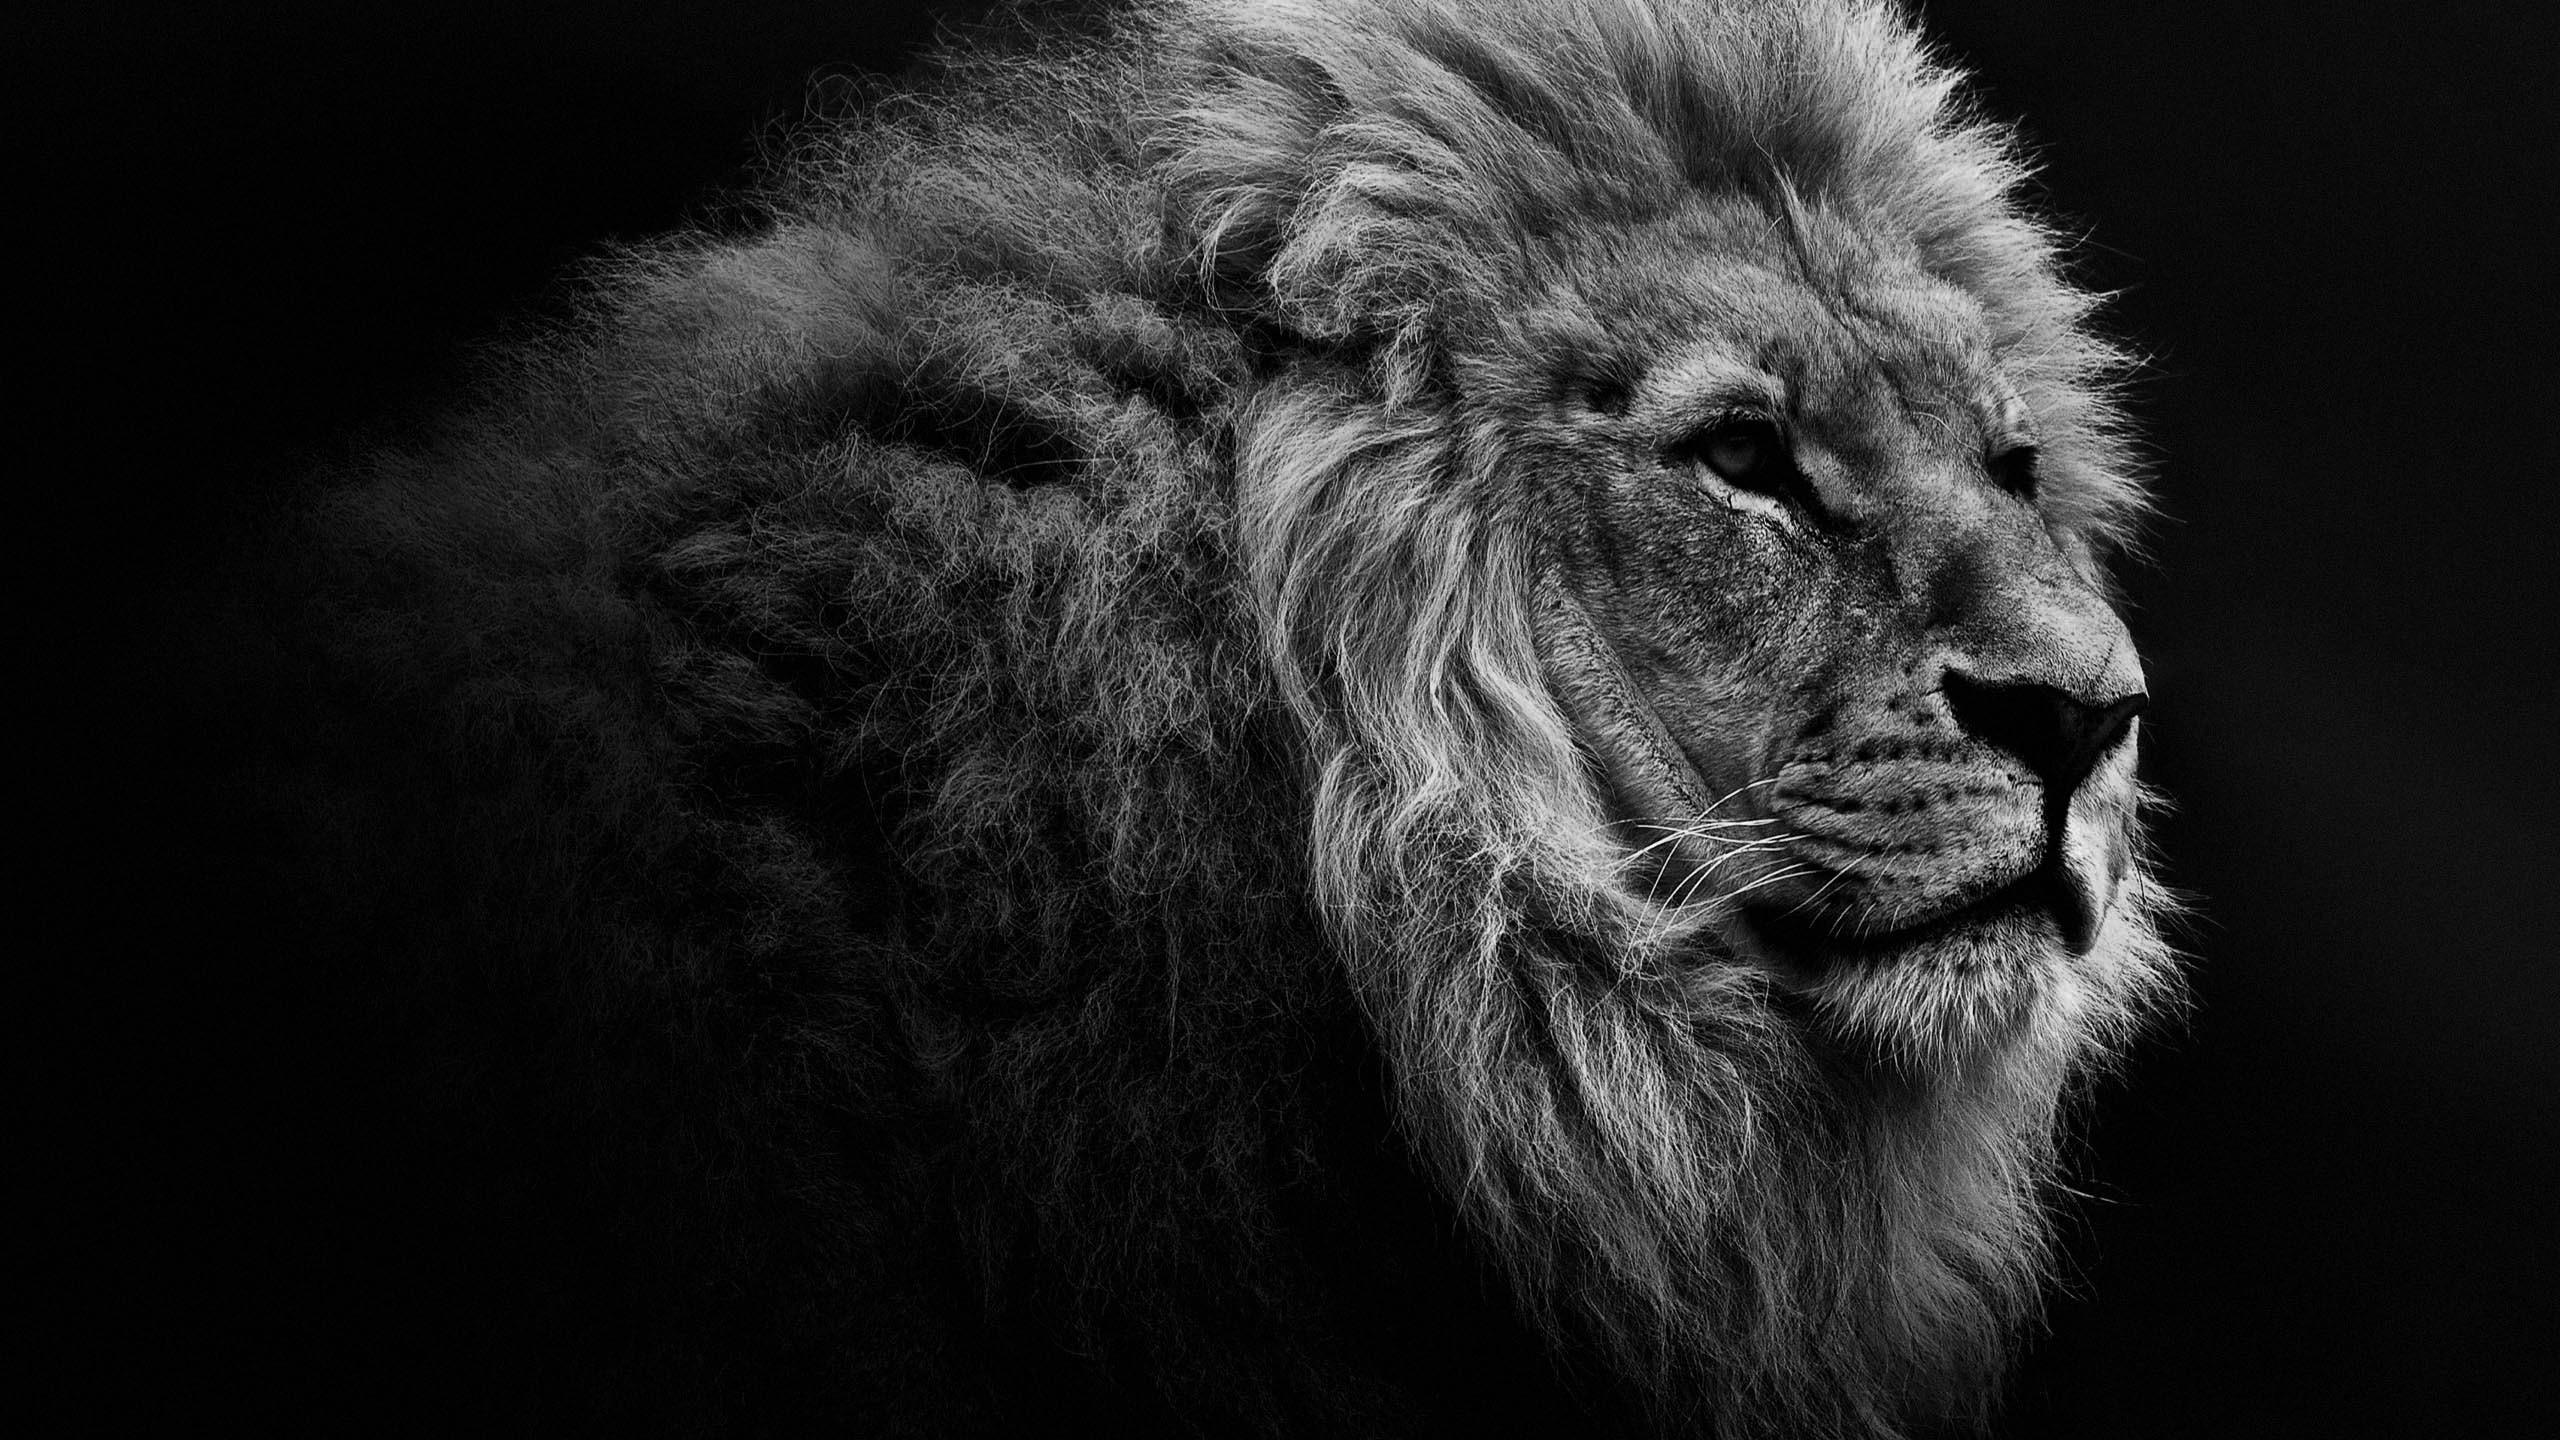 Hình đen trắng chú sư tử đực lông xù